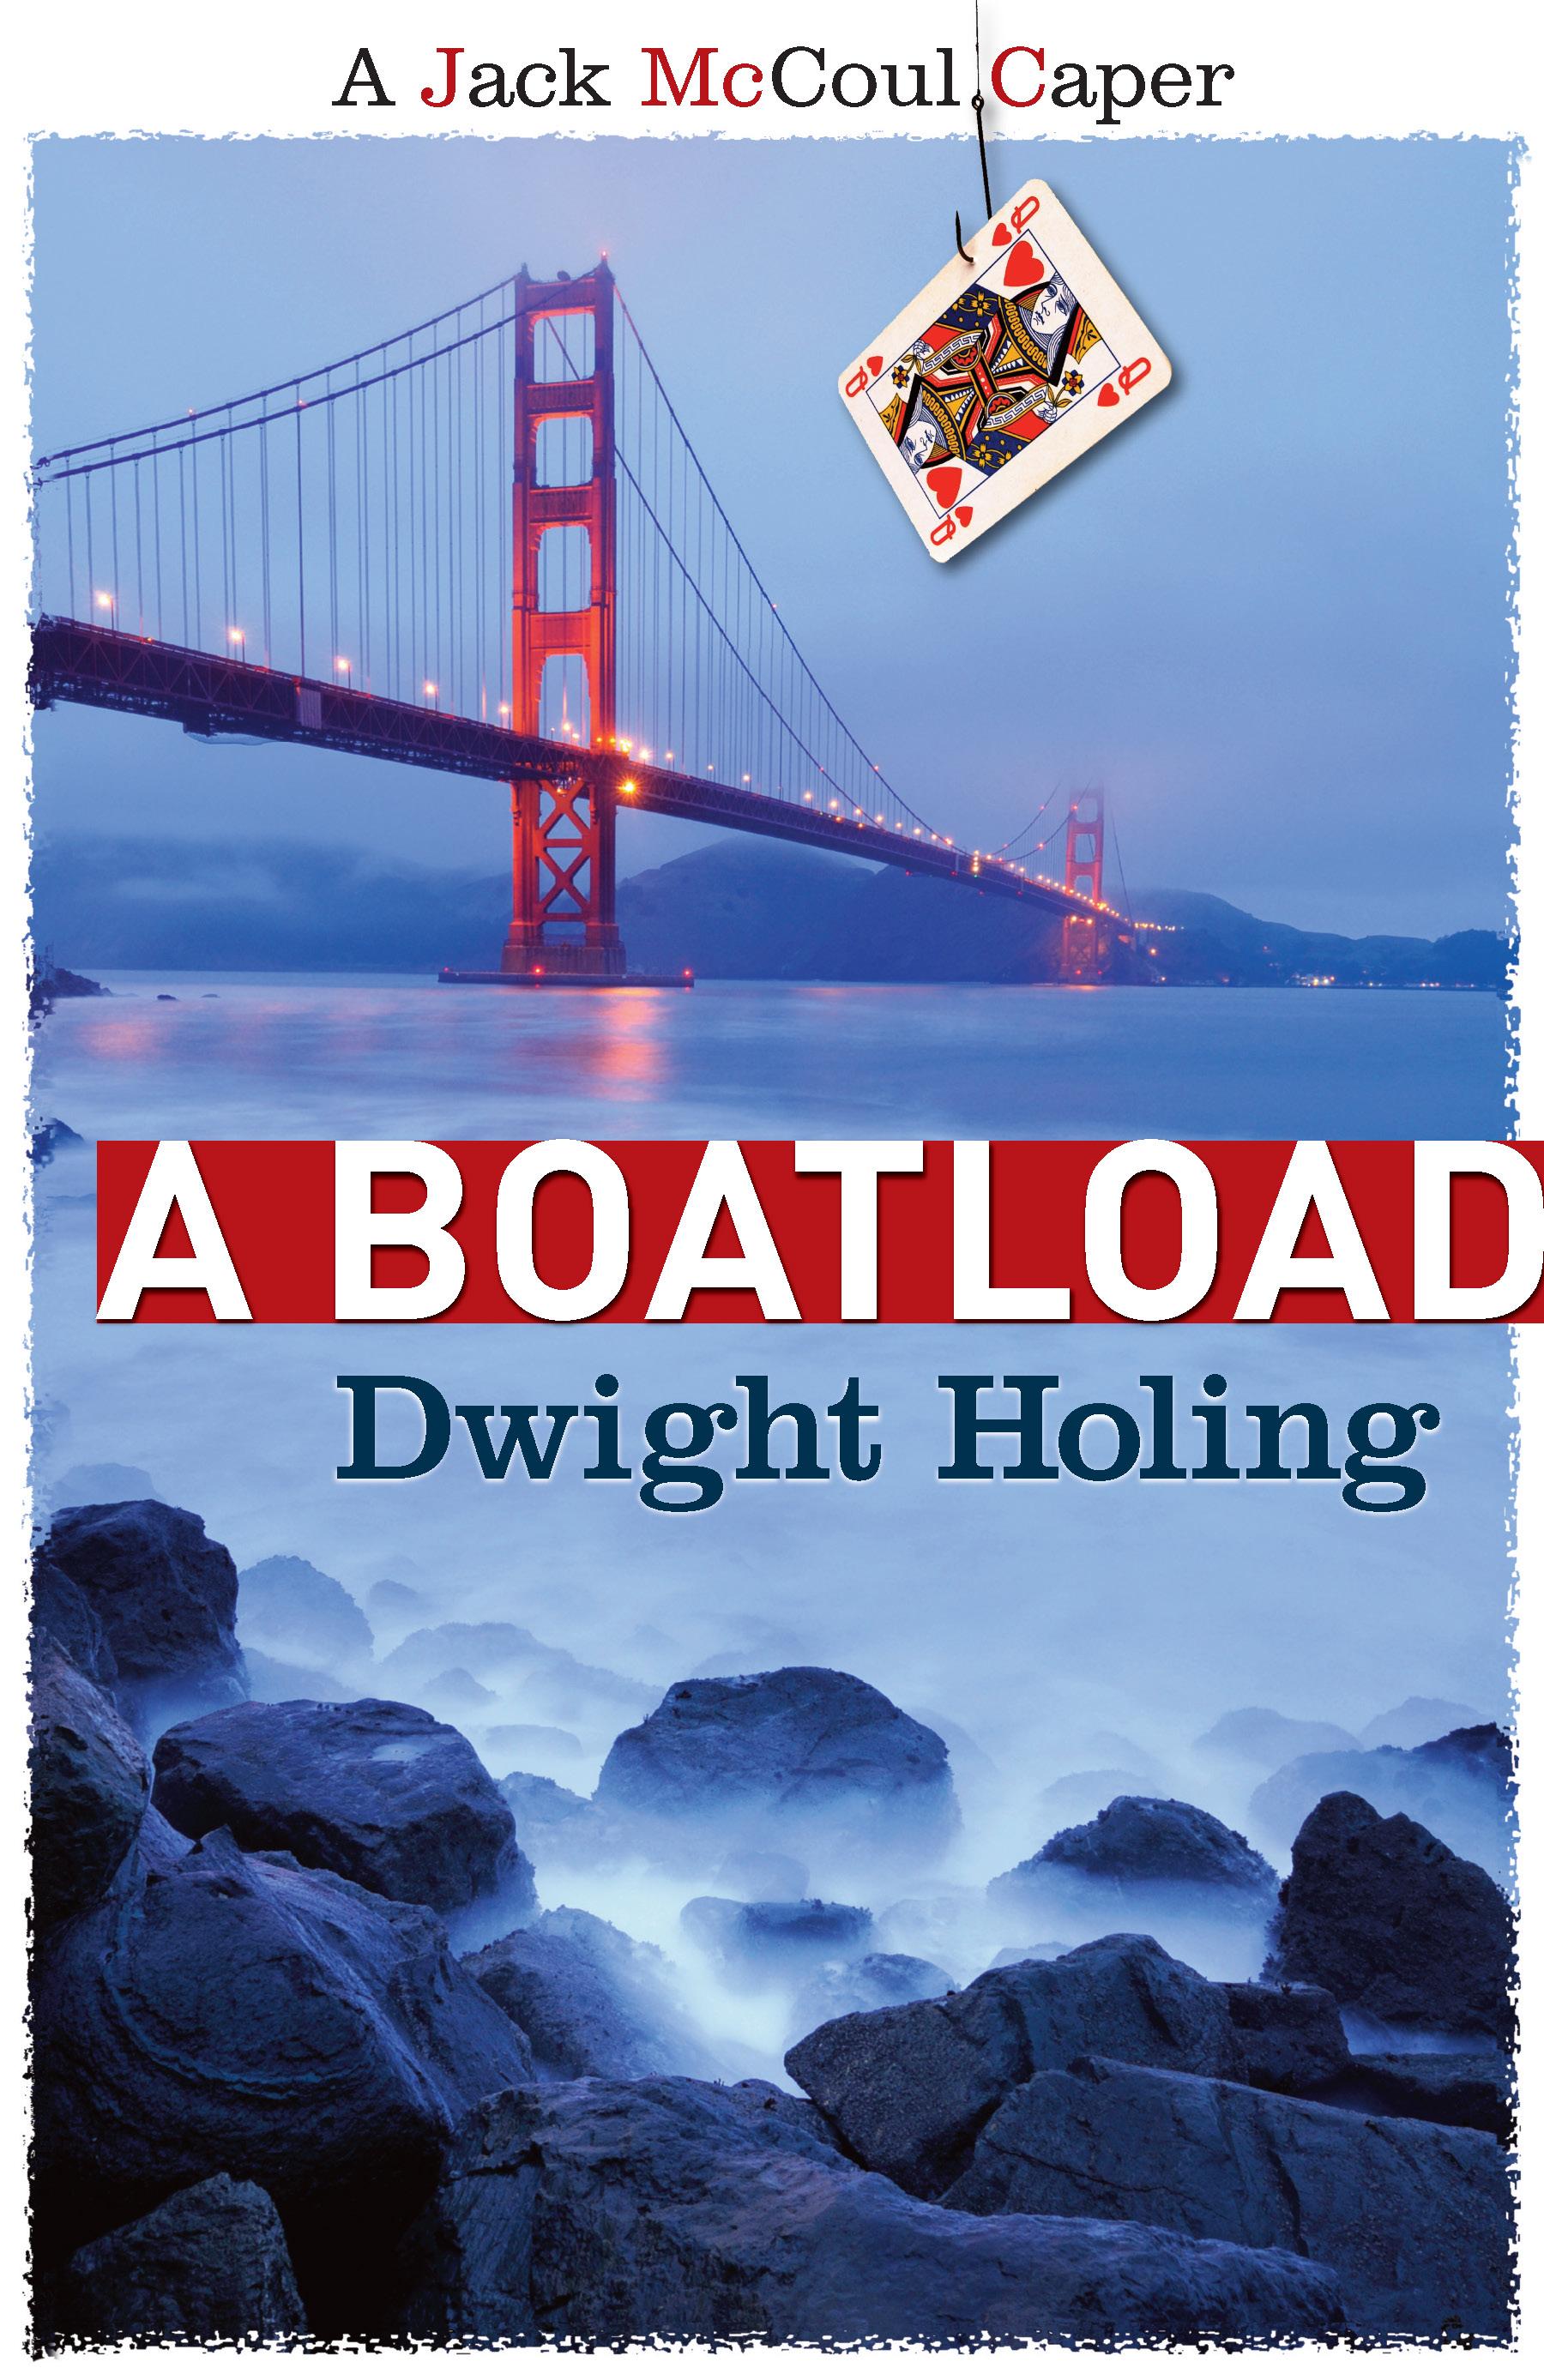 A Boatload (A Jack McCoul Caper)